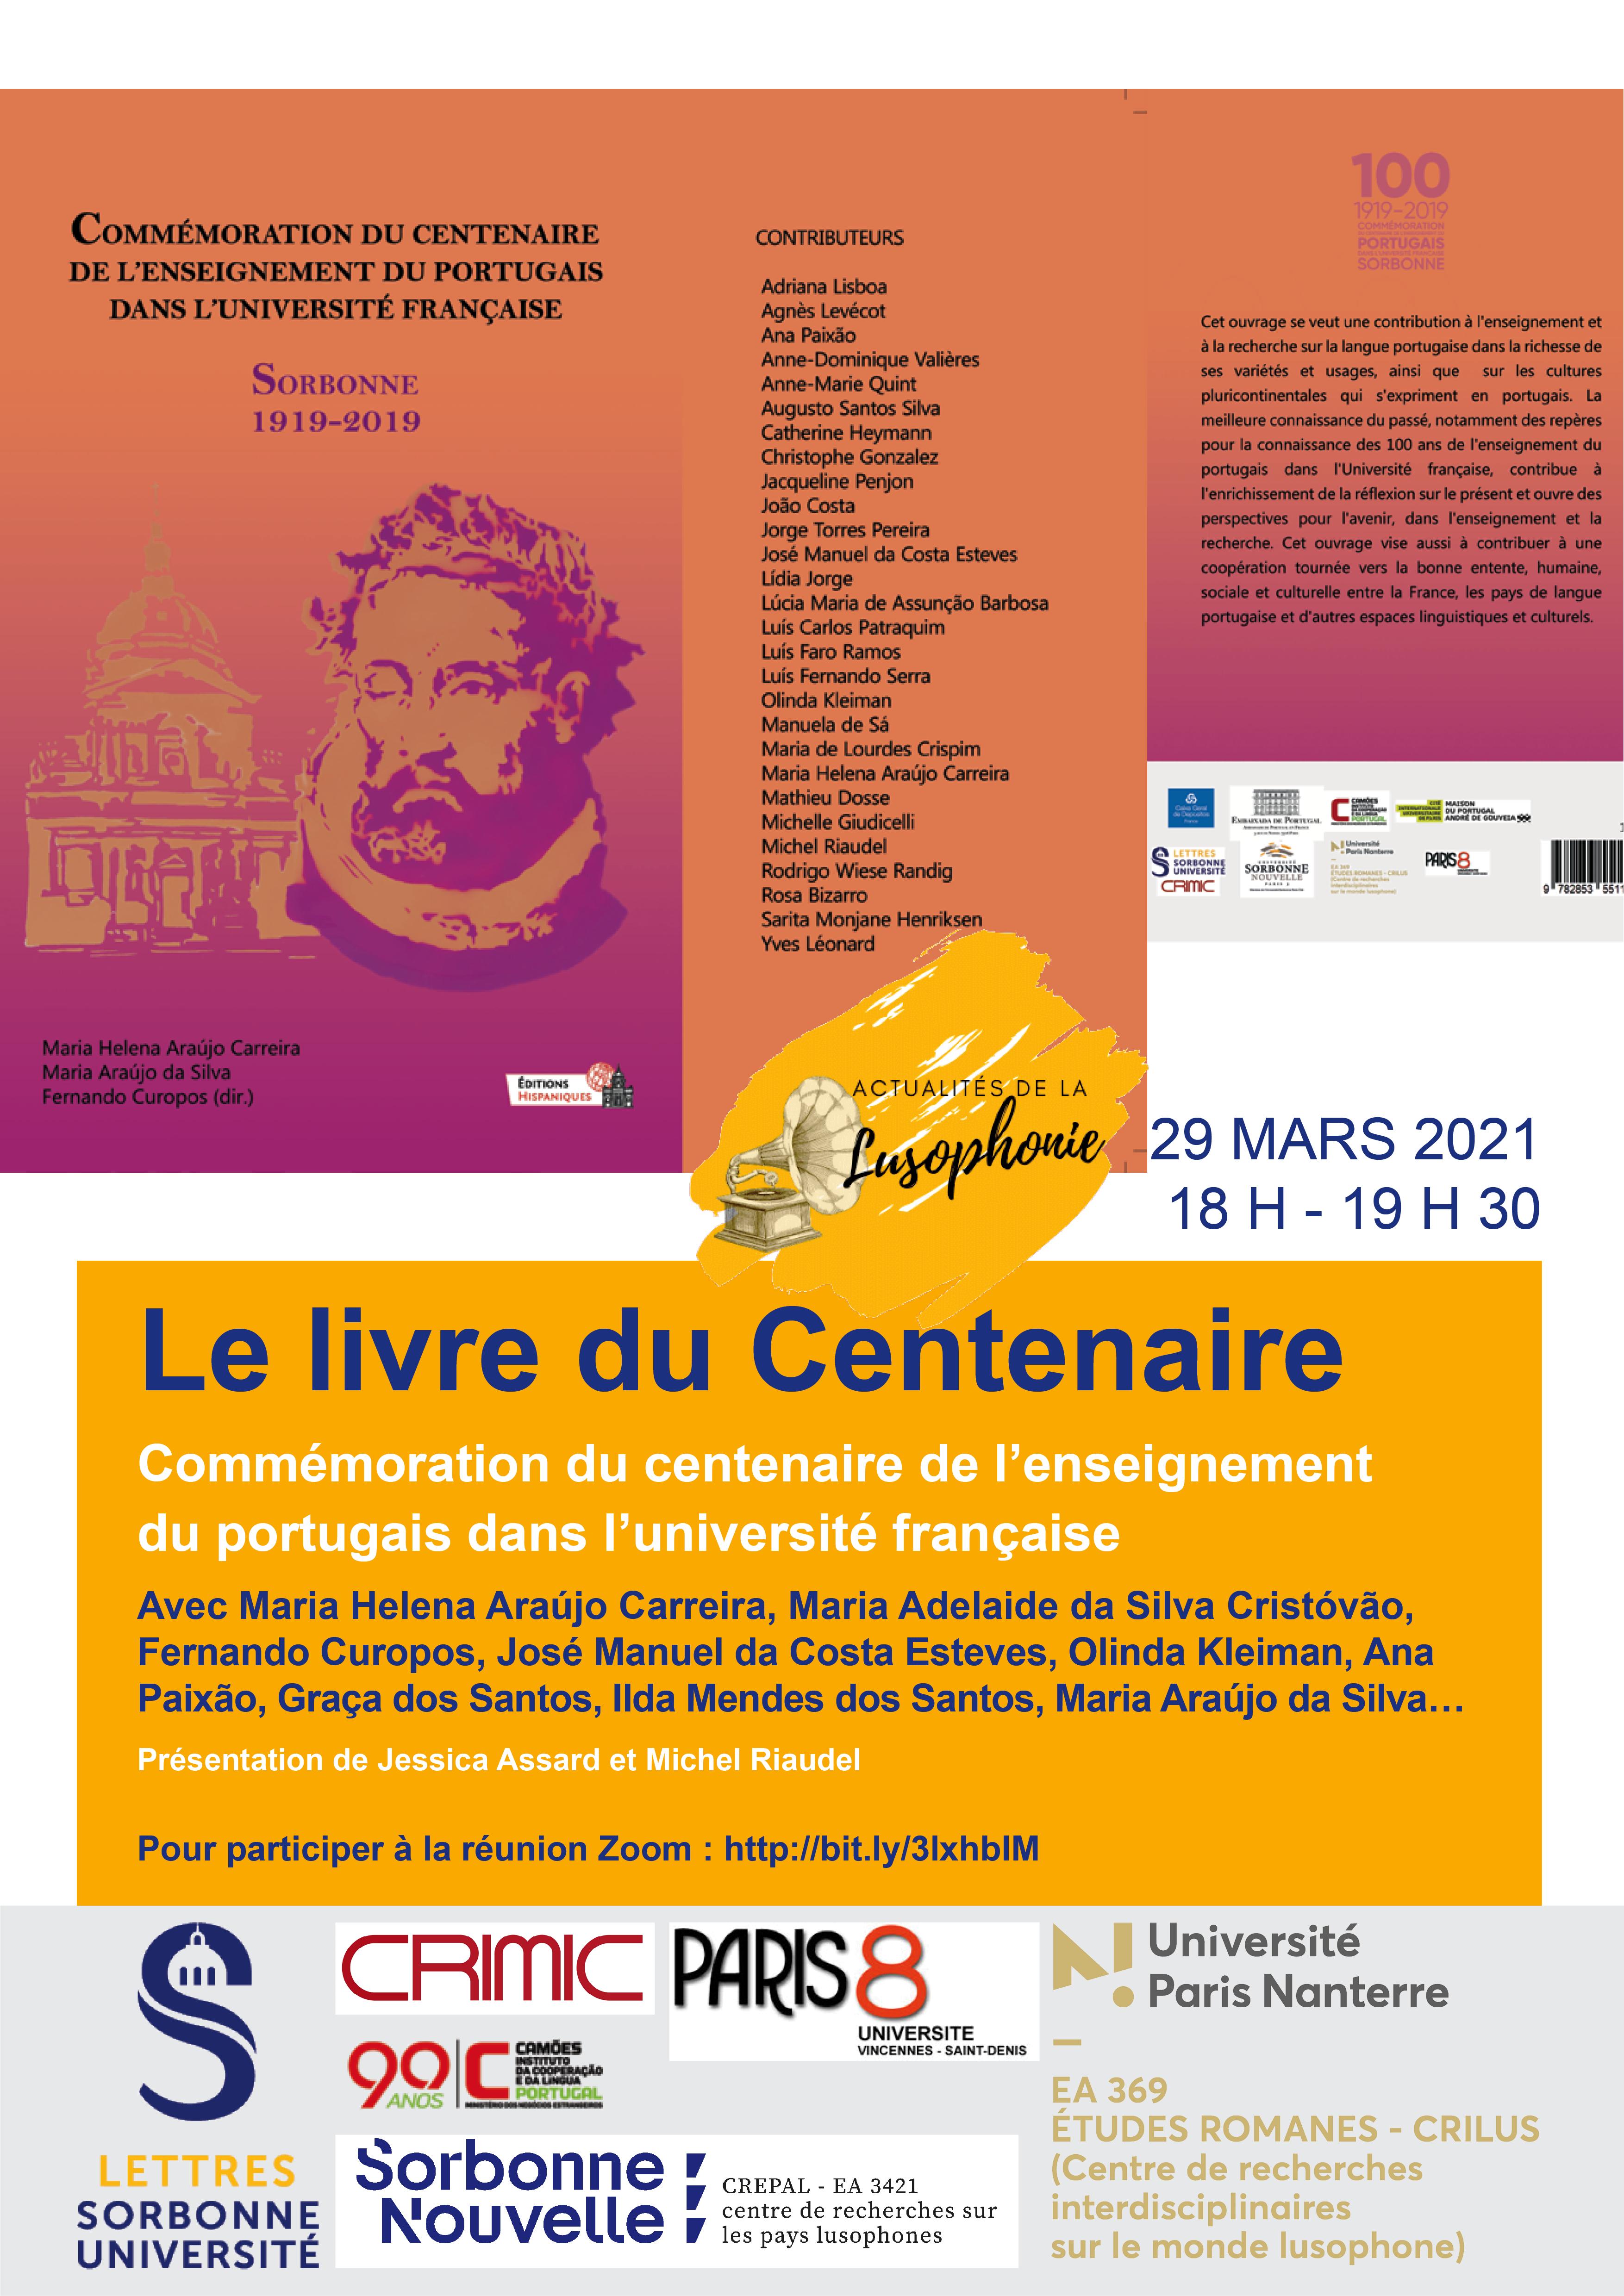 Le livre du Centenaire de l'enseignement du portugais à l'université française